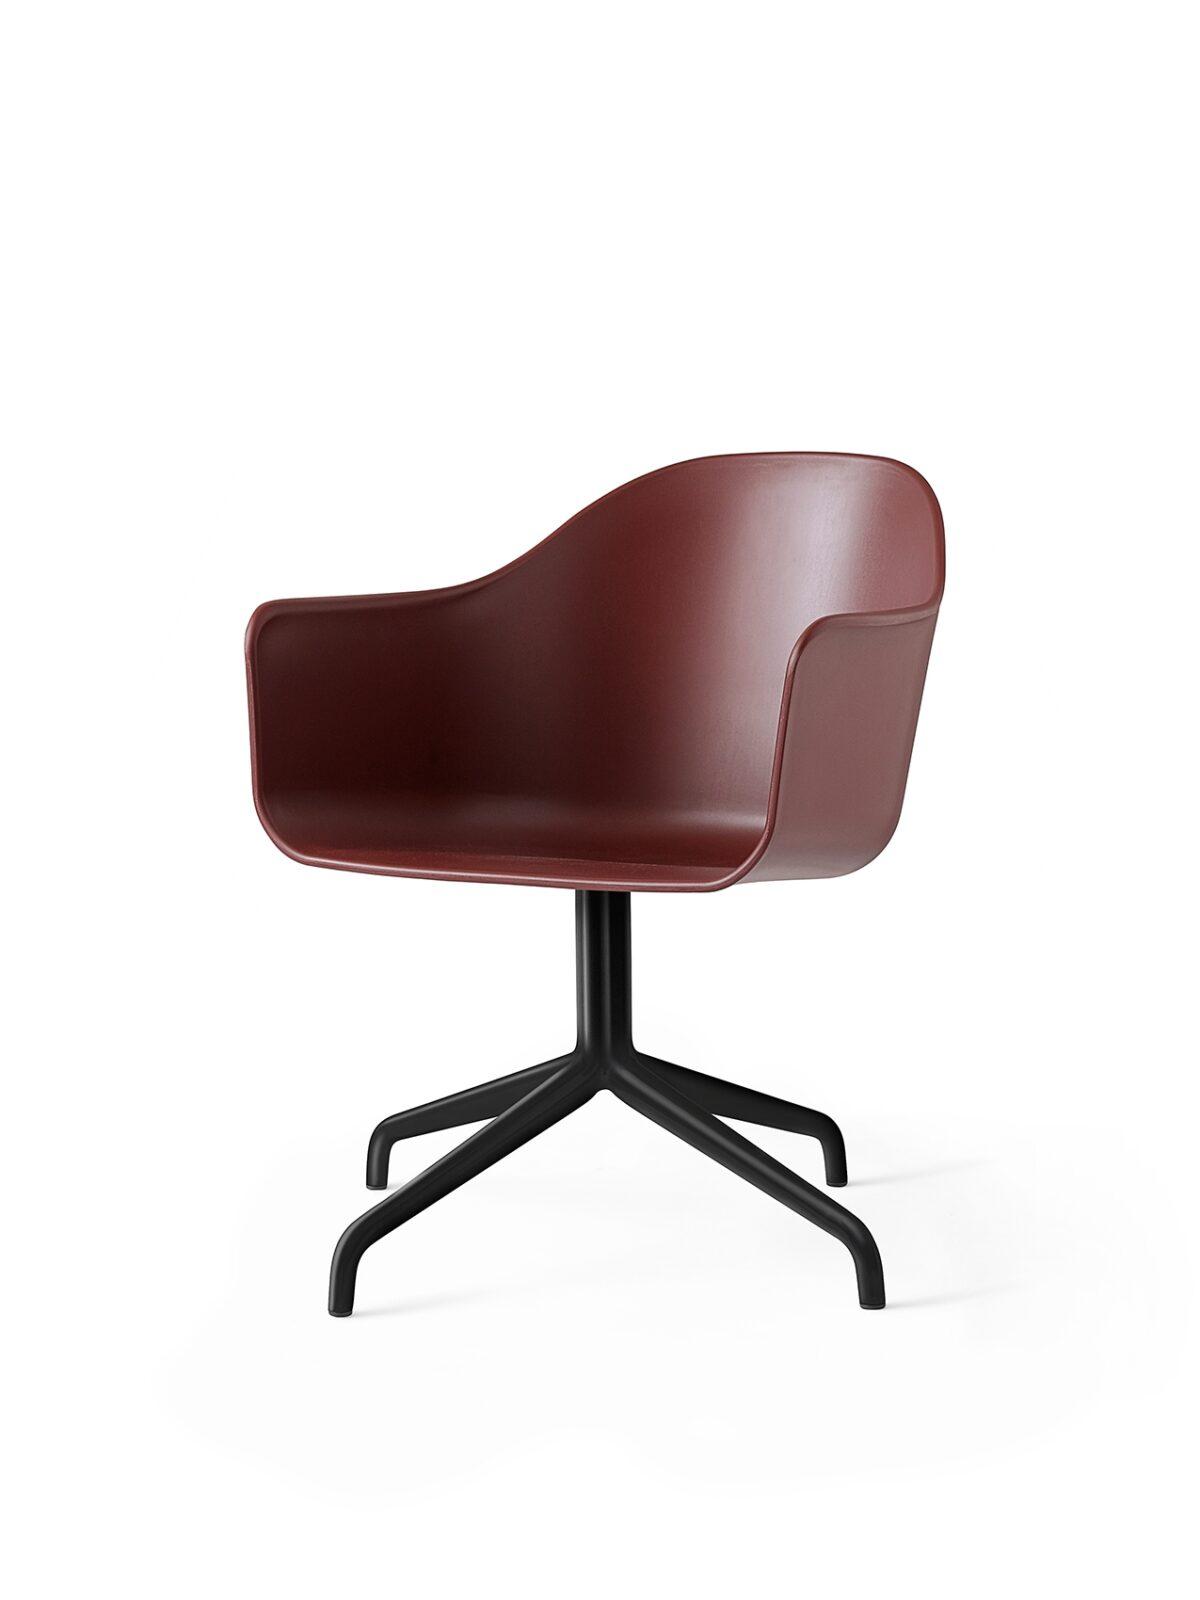 9375349 Harbour Chair Swivel BurnedRed Black Angle